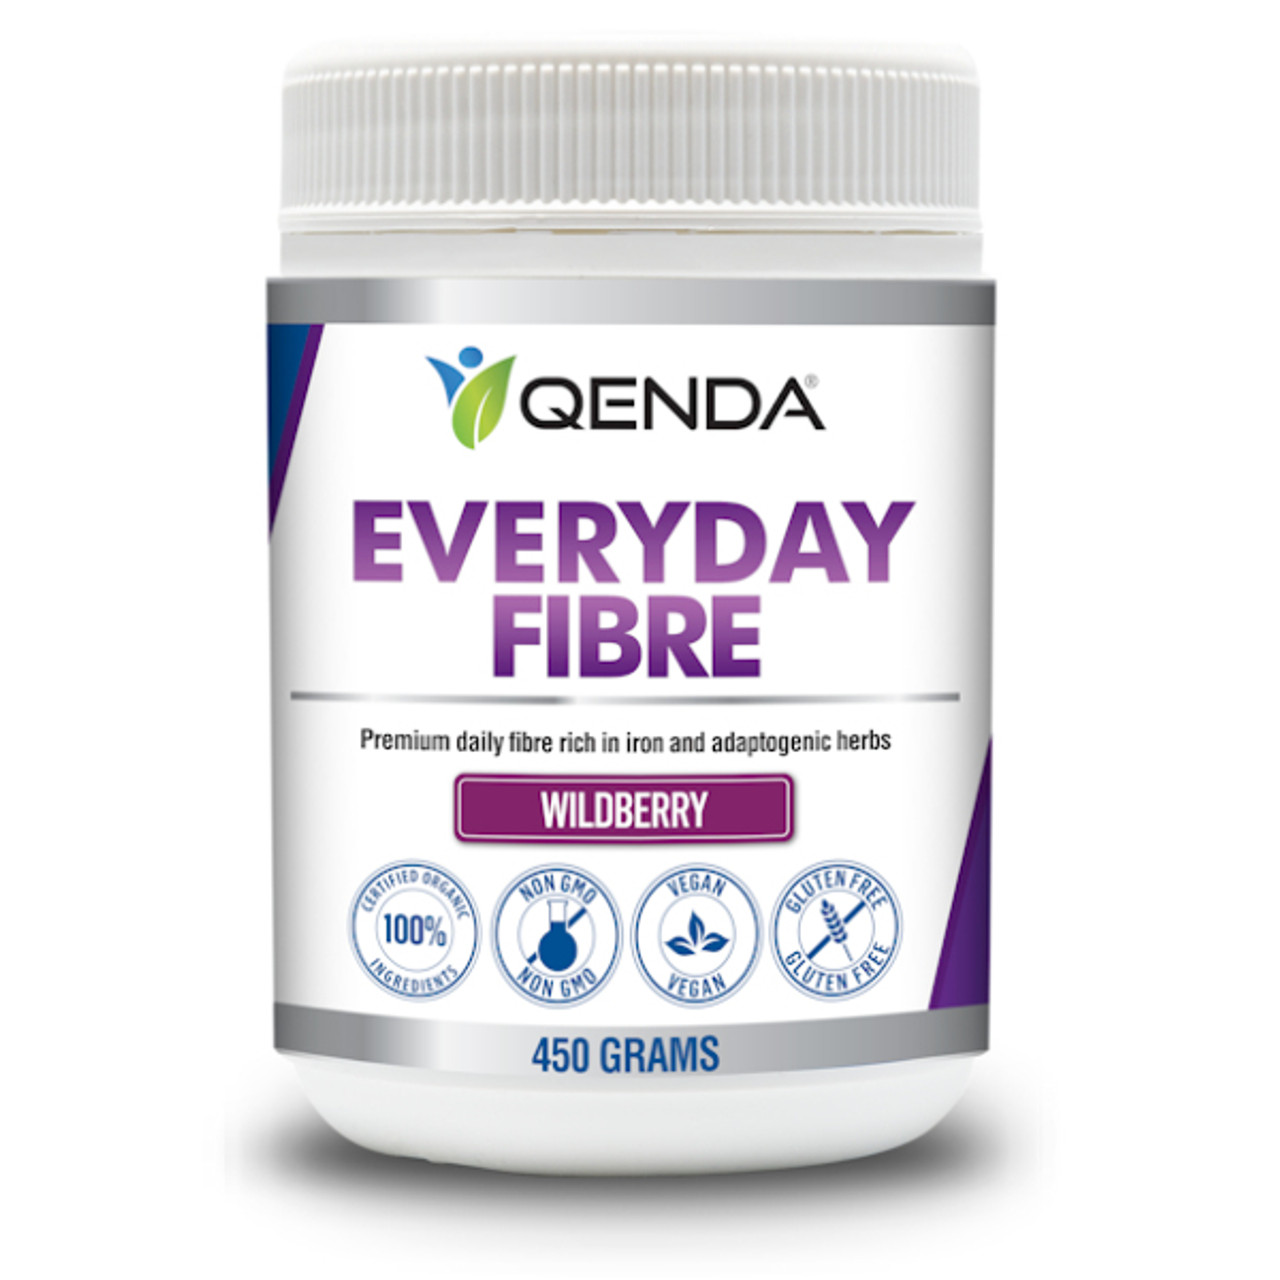 Qenda Everyday Fibre - Wildberry Formulation 450g